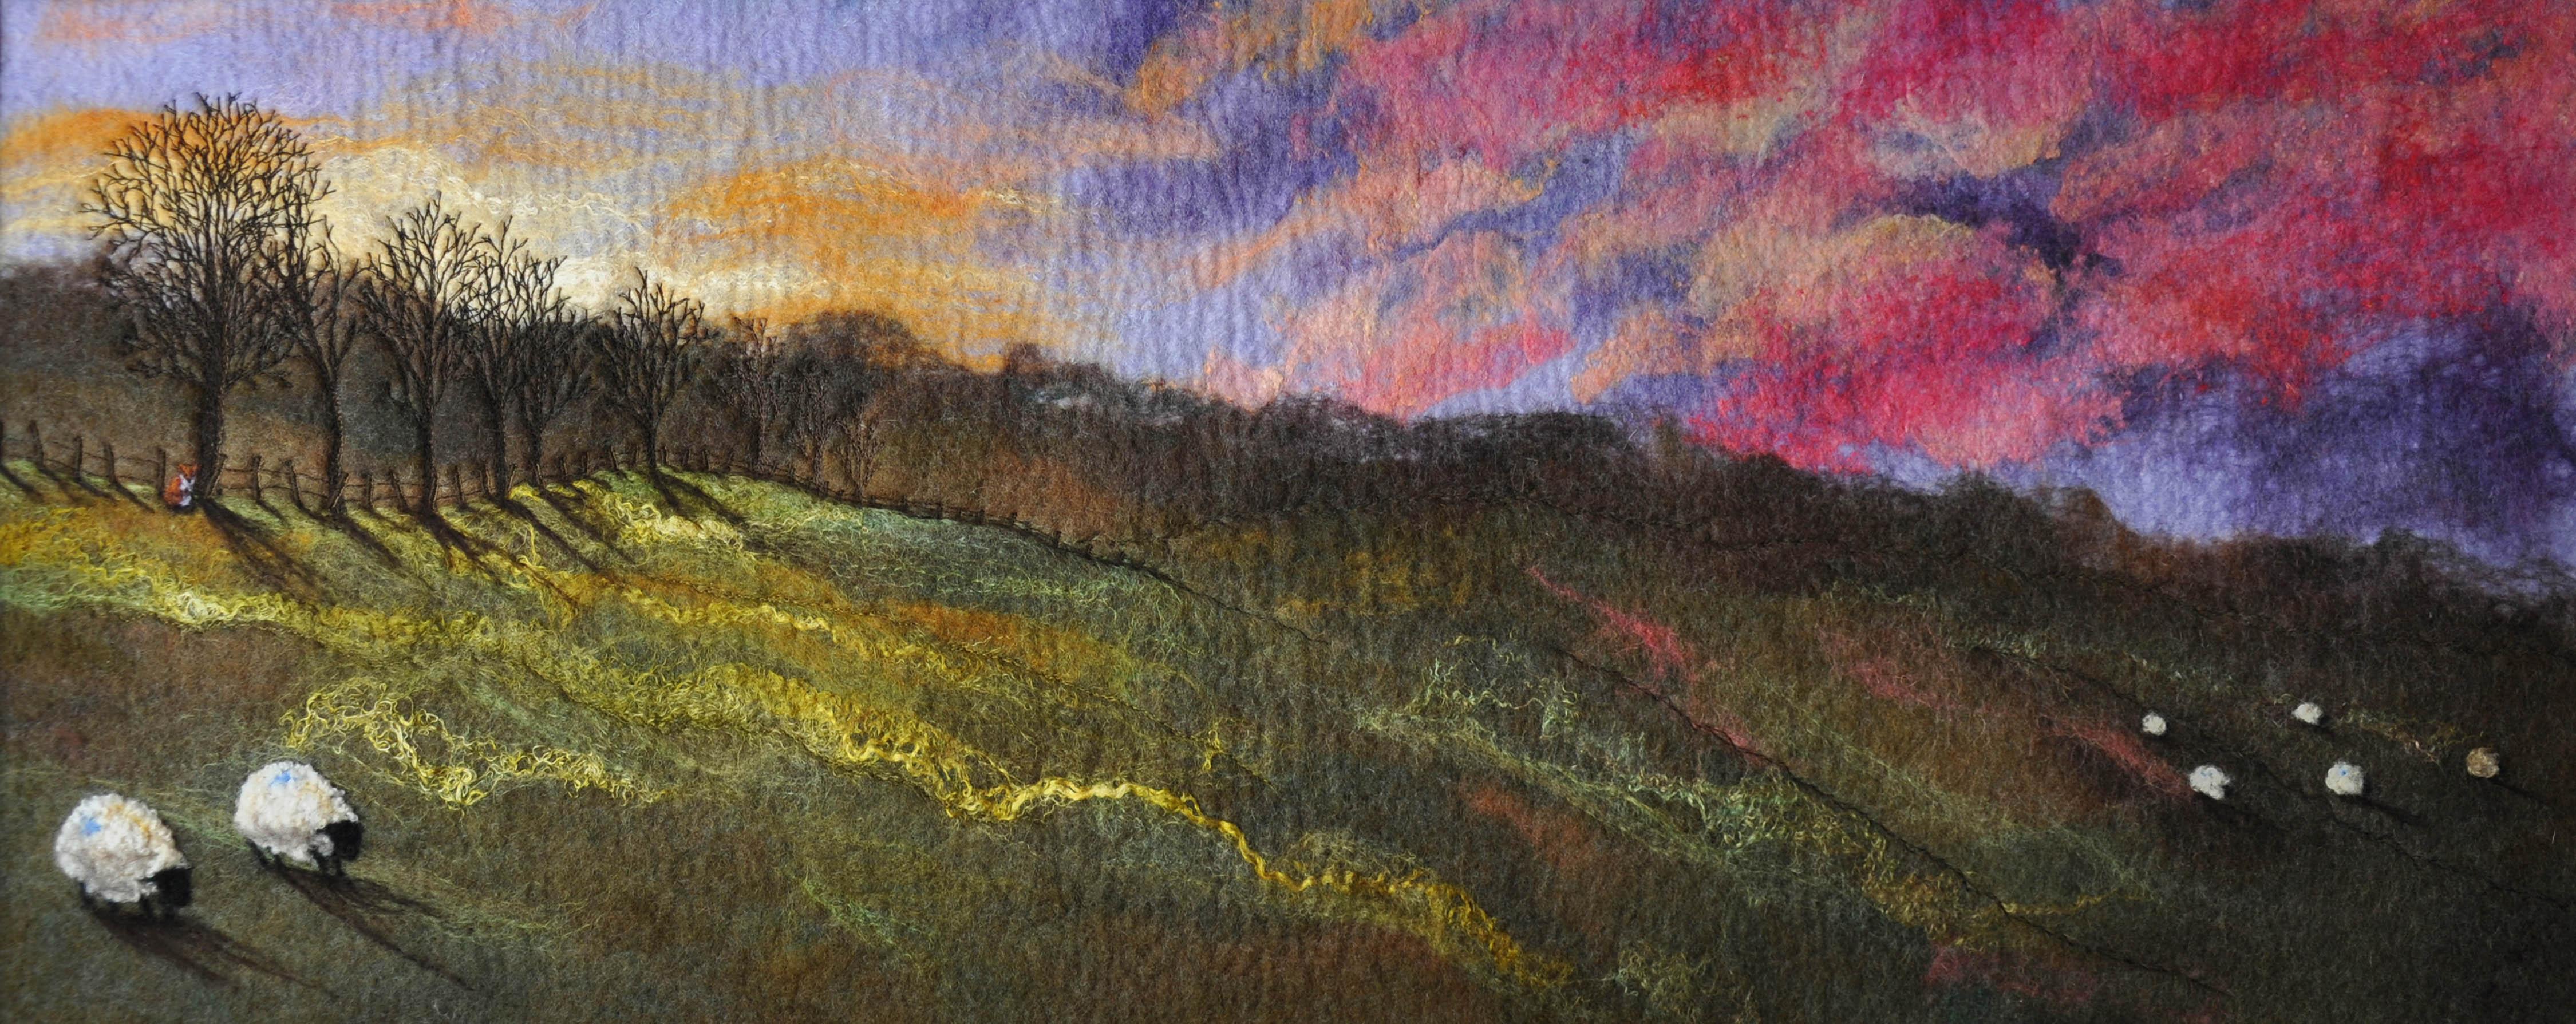 Sue Lewis Felted Landscape